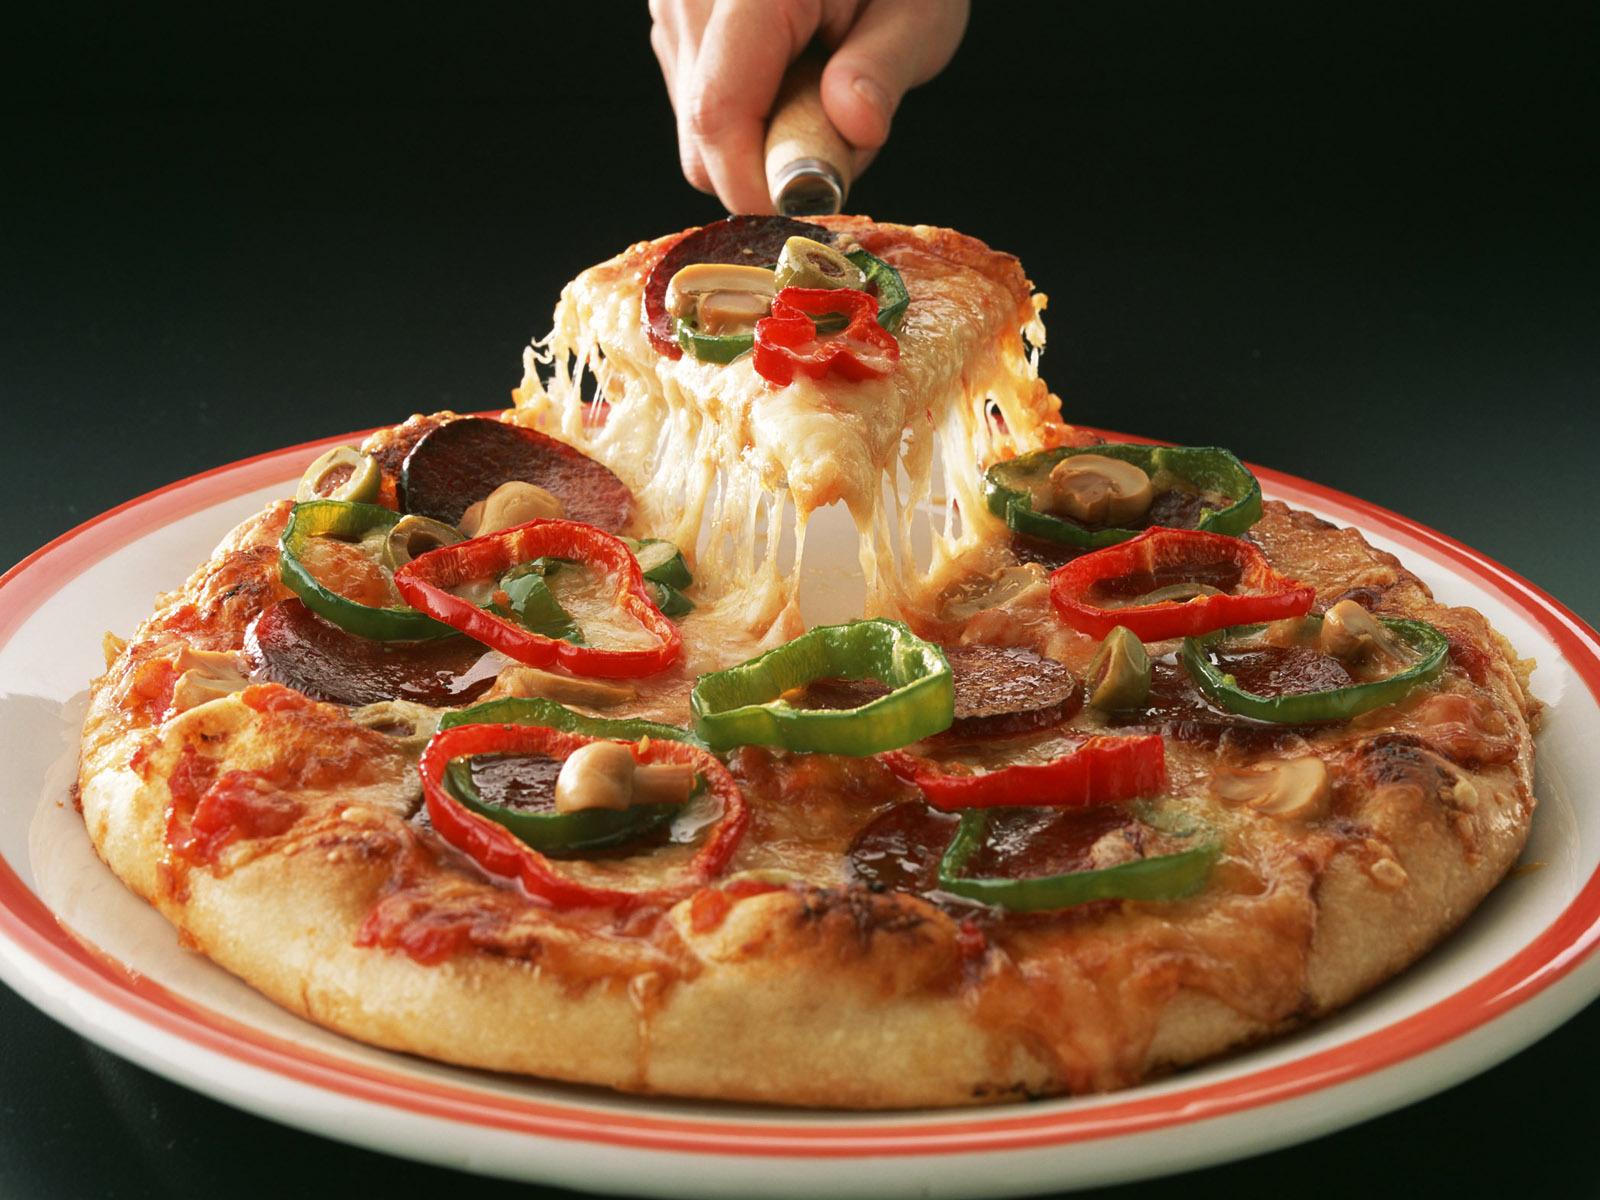 pizza party a domicilio, Catering De Pizza catering, Pizza Para Cumpleaños catering, Pizza Party A Domicilio para eventos, Pizza Party para eventos, Pizza Party A La Parrilla A Domicilio para eventos,  pizza party, pizza party a la parrilla a domicilio,